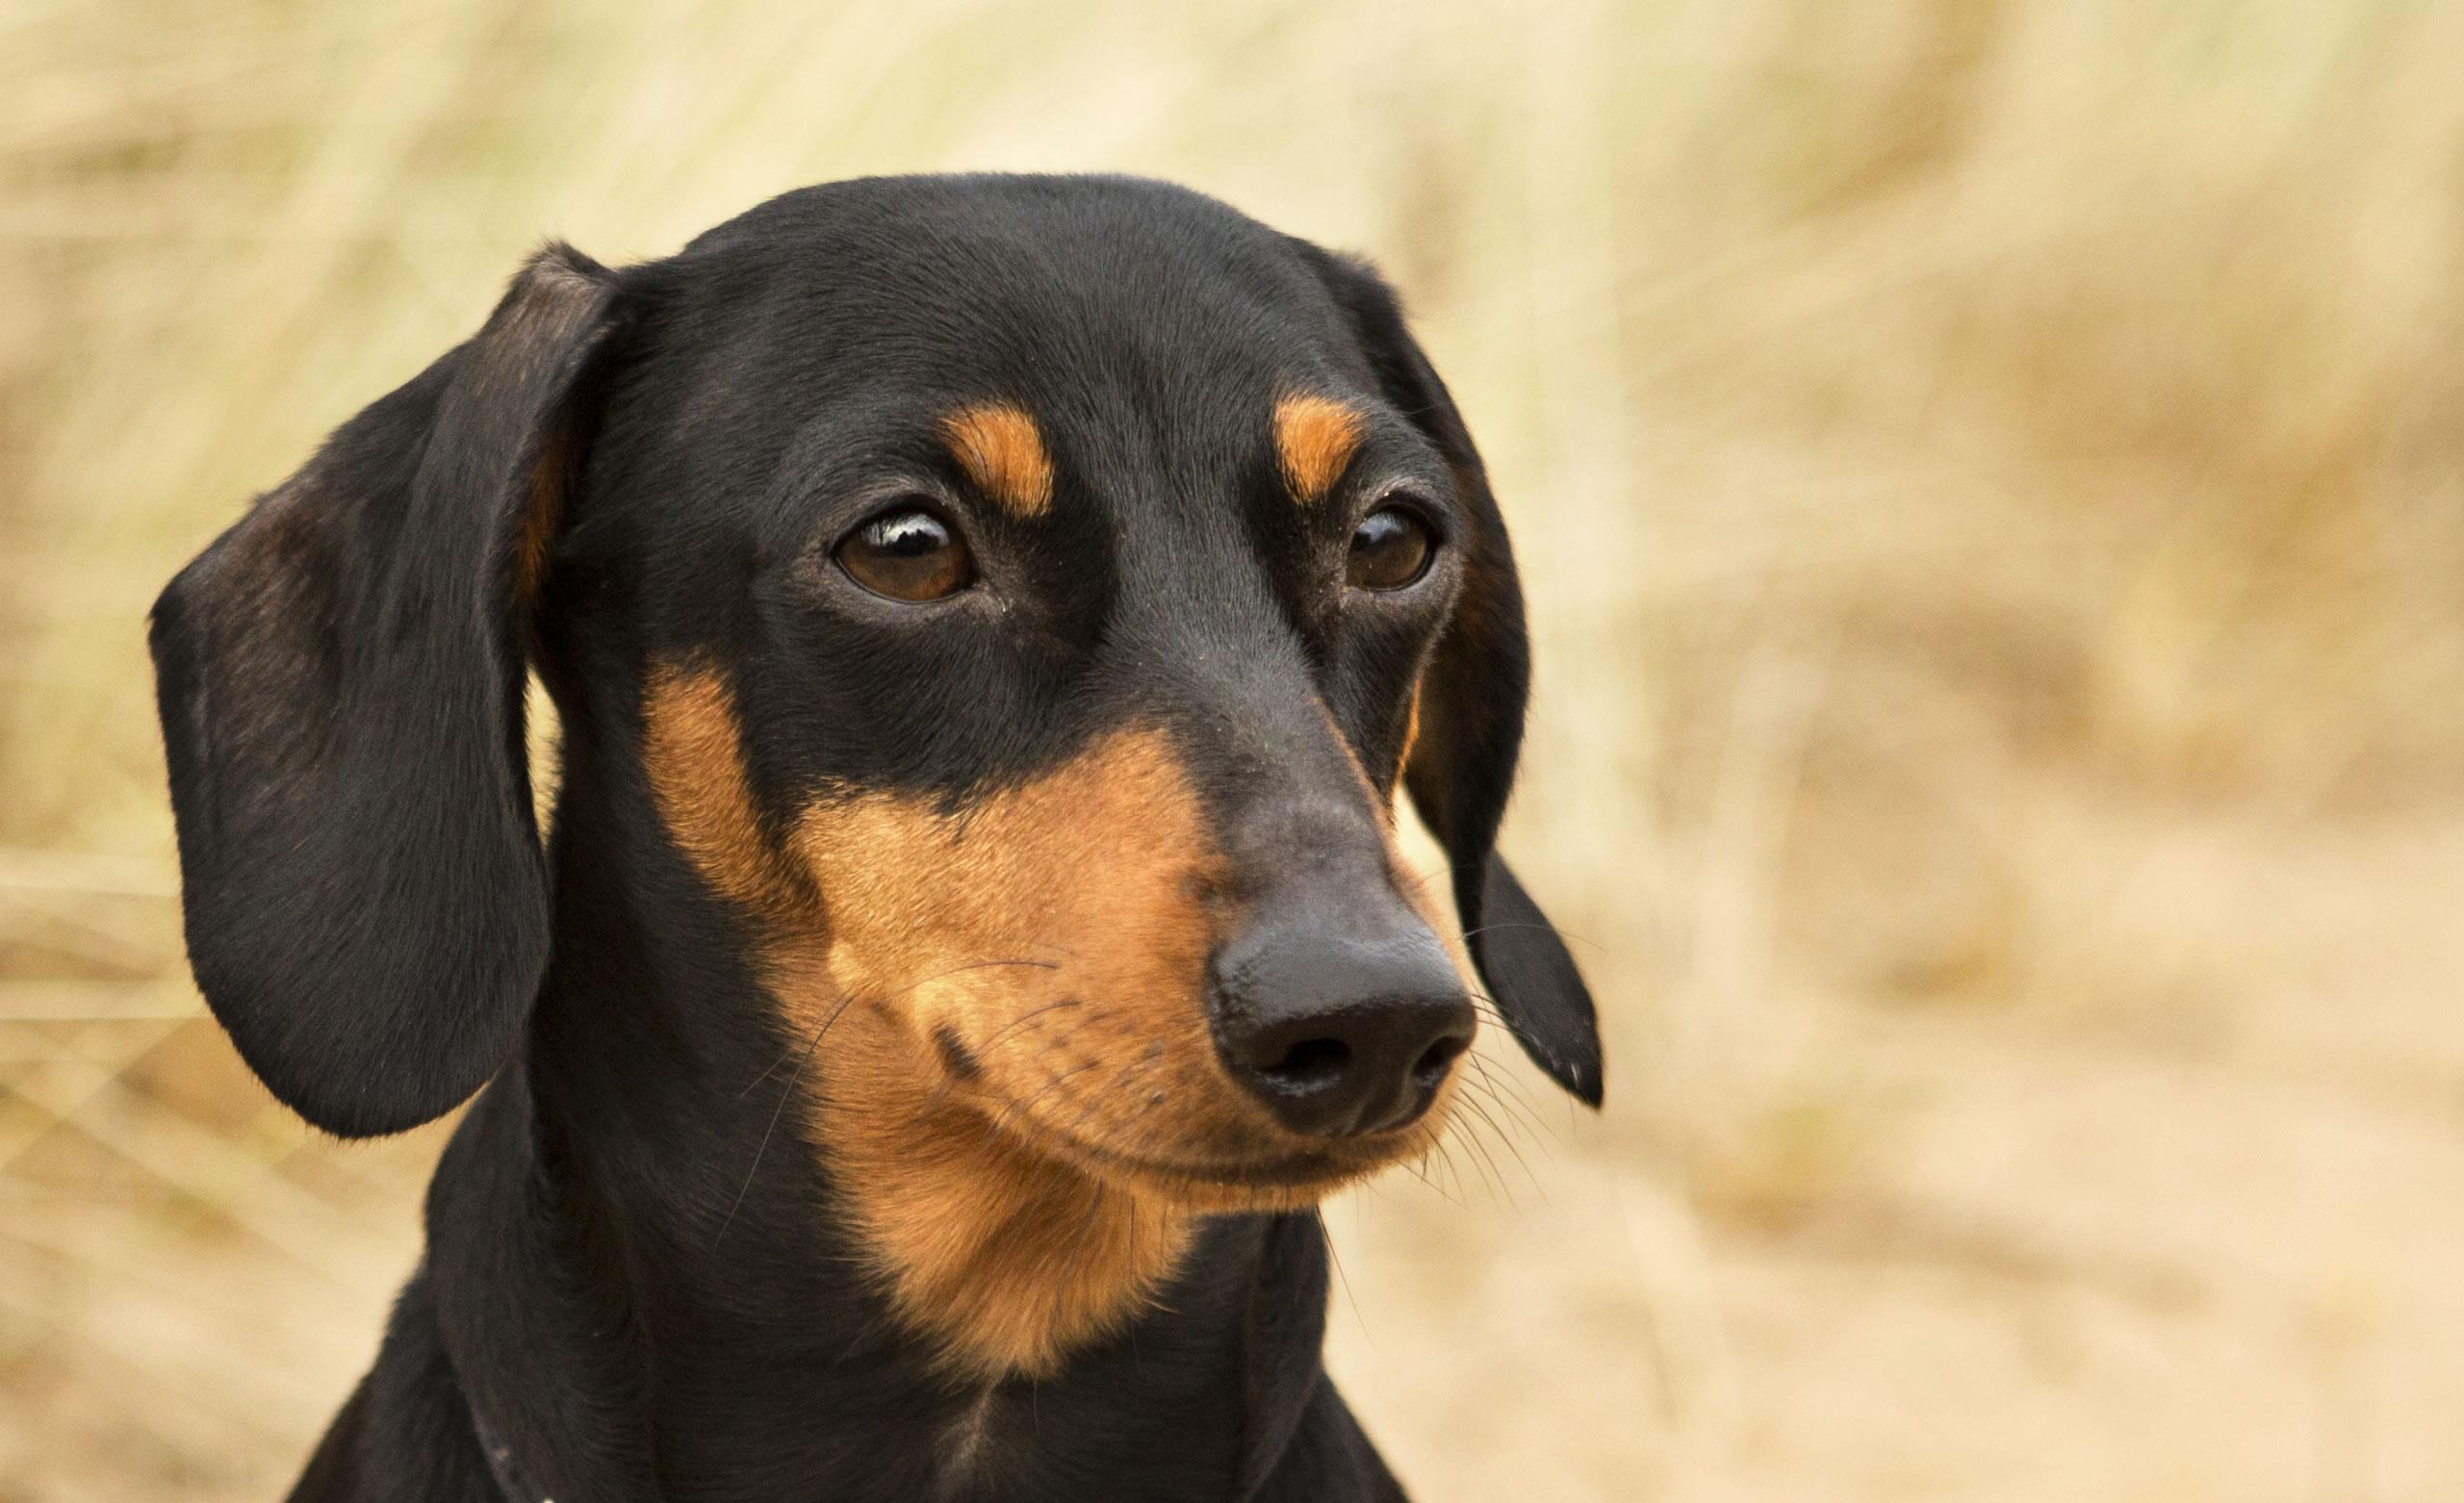 Miniature black and tan dachshund